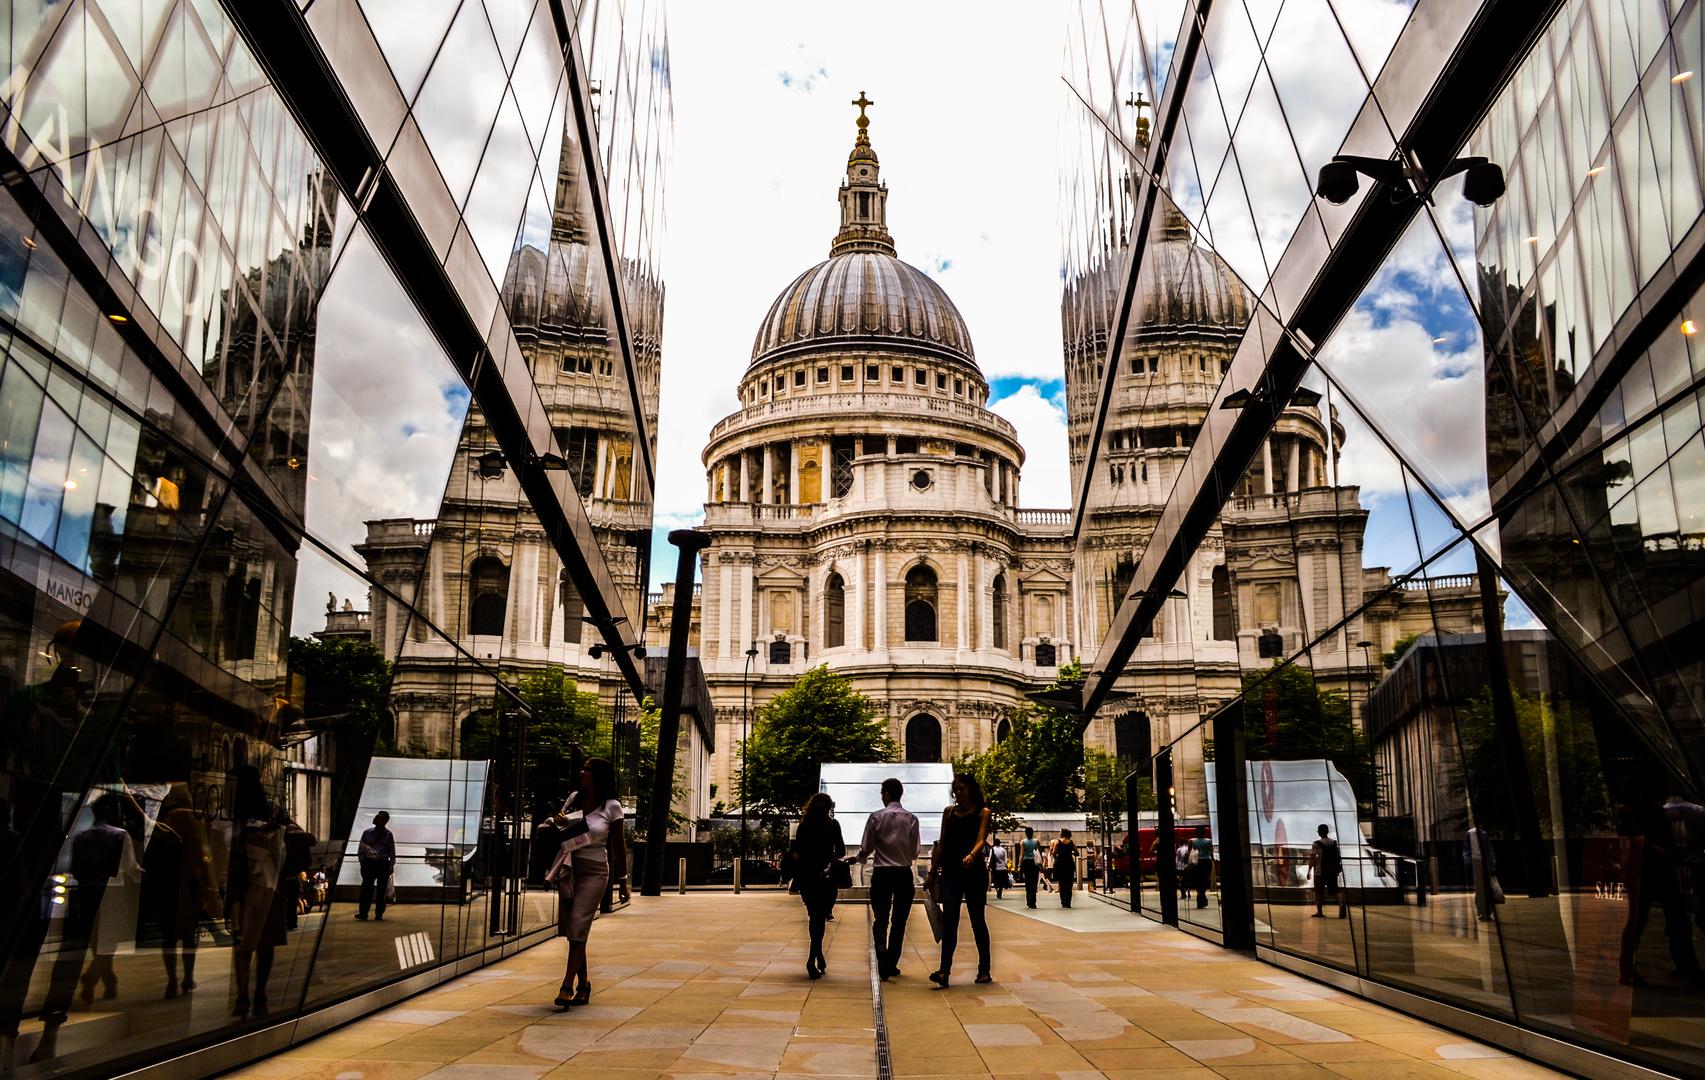 Spiegelung der St. Paul's Cathedral in der Fassade des Einkaufzentrums One New Change